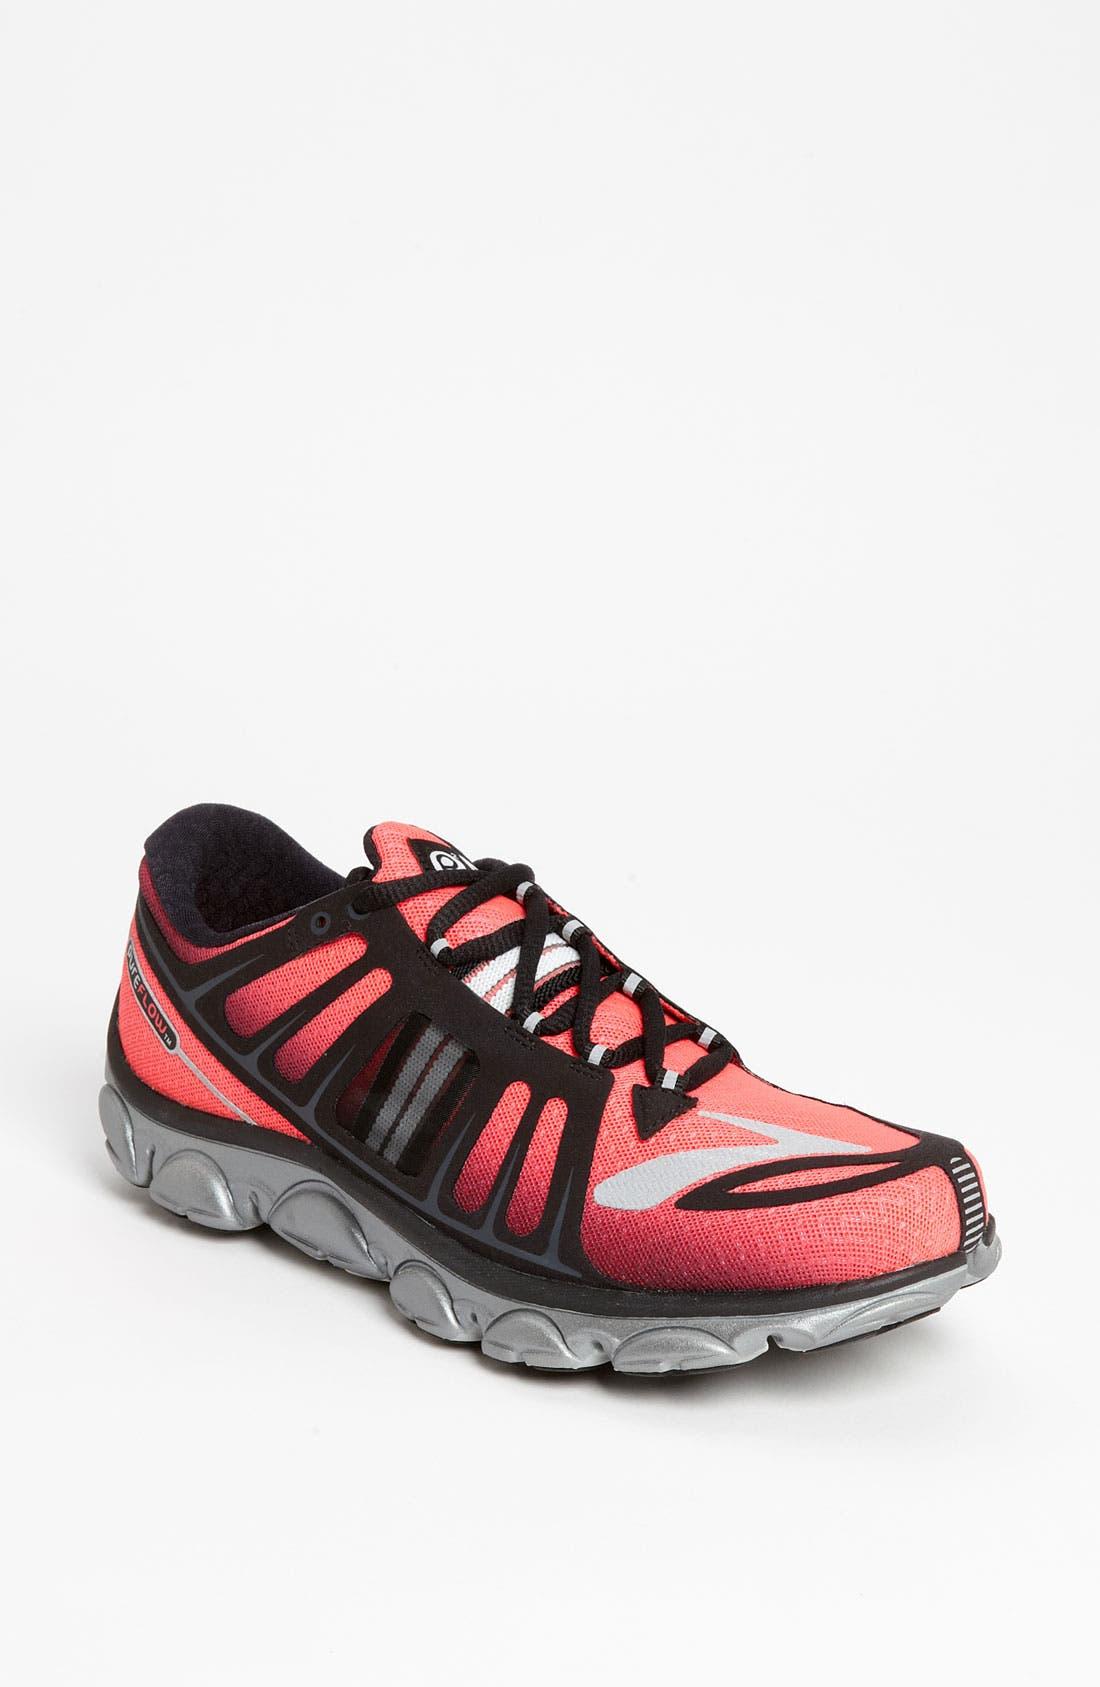 Alternate Image 1 Selected - Brooks 'PureFlow 2' Running Shoe (Women)(Regular Retail Price: $99.95)